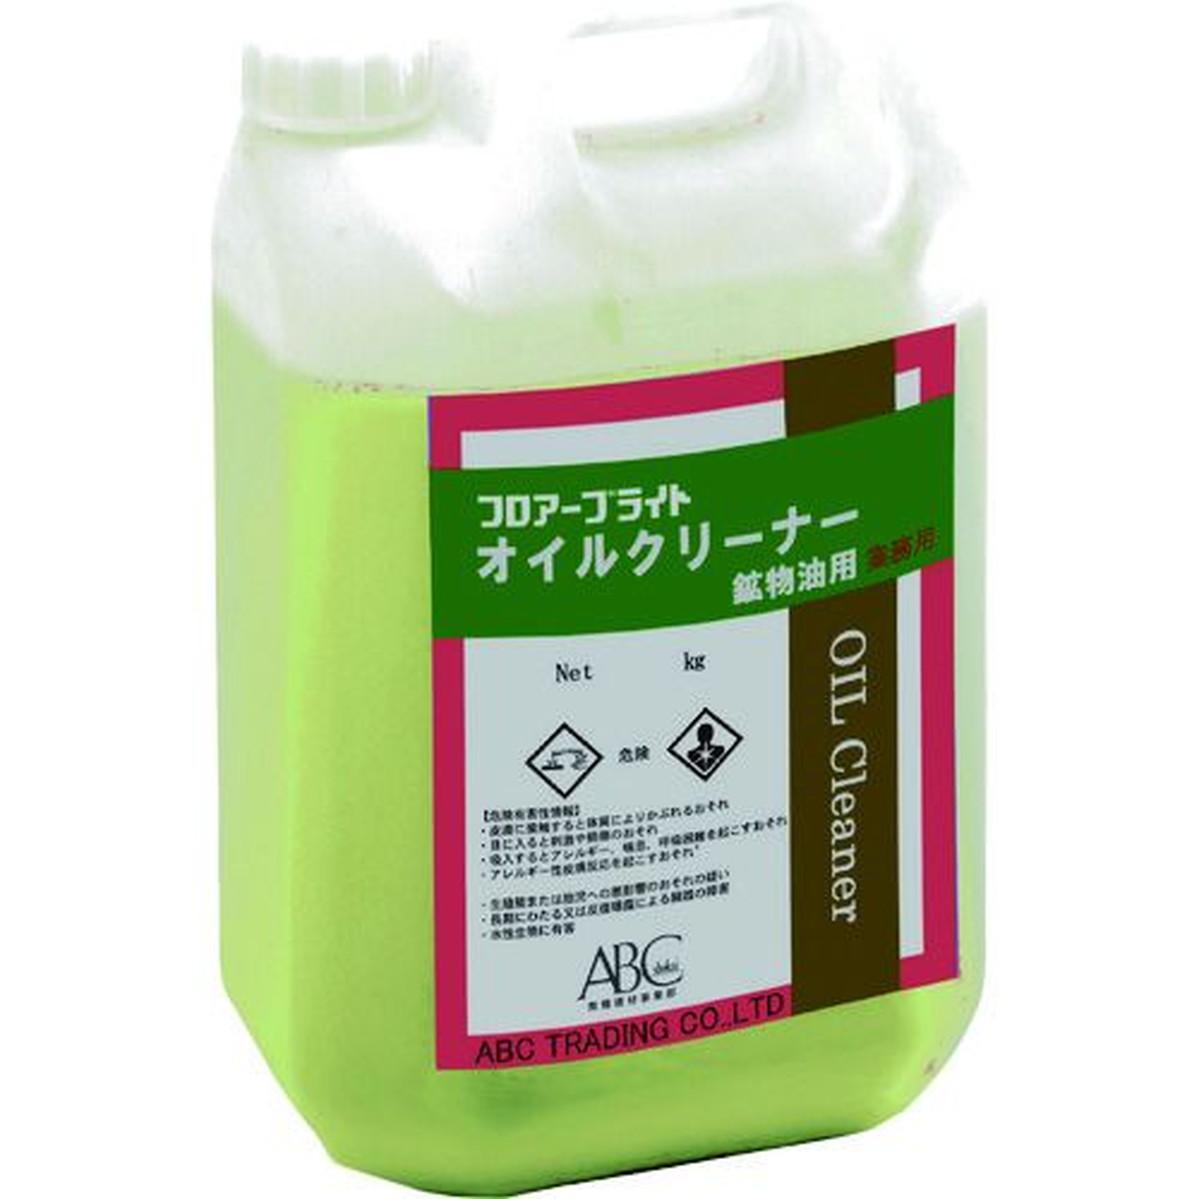 【メール便無料】 ABC フロアーブライトオイルクリーナー 鉱物油用 鉱物油用 ABC 4.5KG 1缶 1缶, バッグ 財布 雑貨 Fashion-Amika:432a33a1 --- bungsu.net